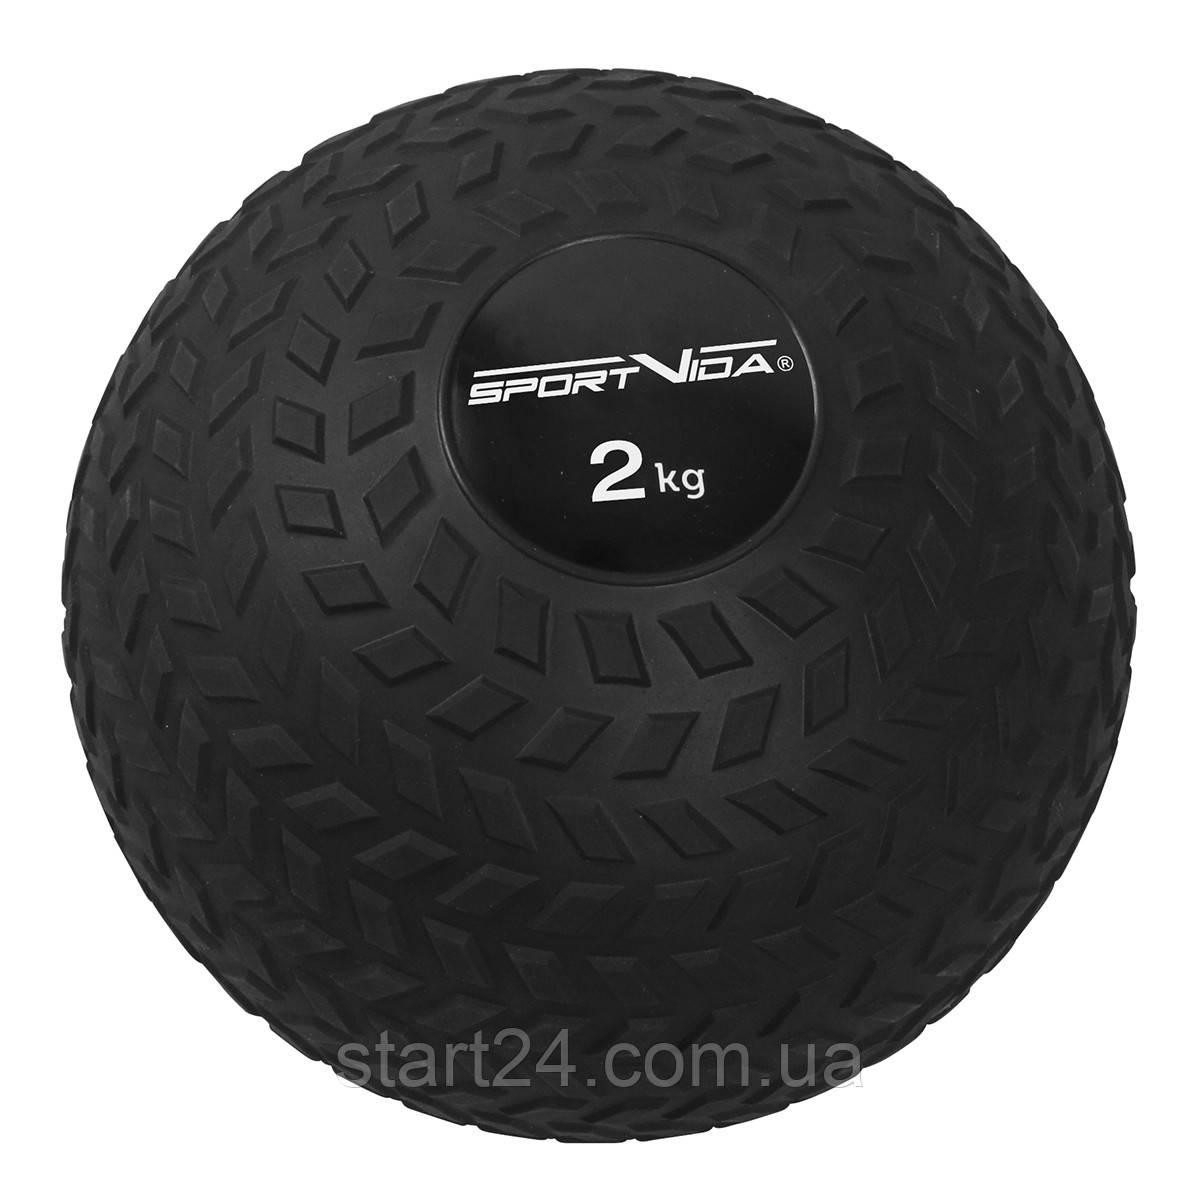 Слембол (медичний м'яч) для кроссфита SportVida Slam Ball 2 кг SV-HK0344 Black